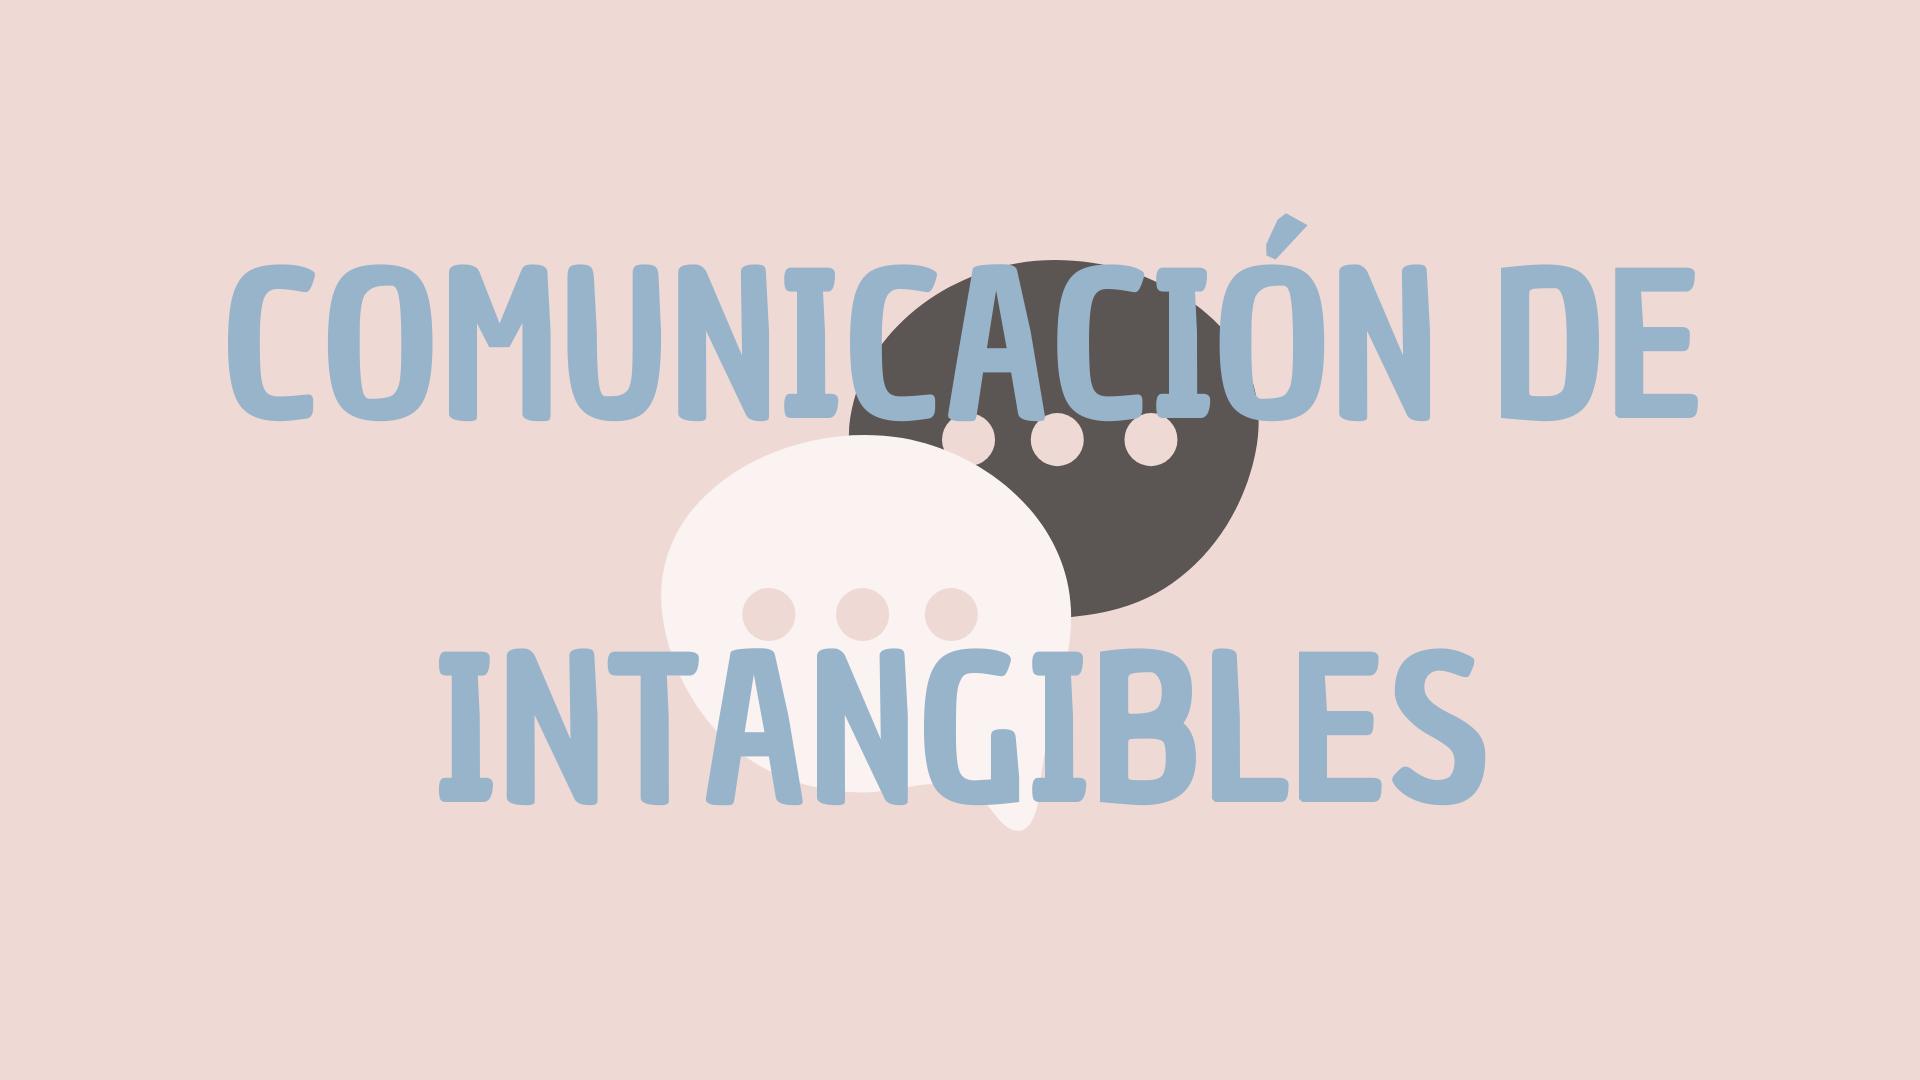 Comunicación de intangibles